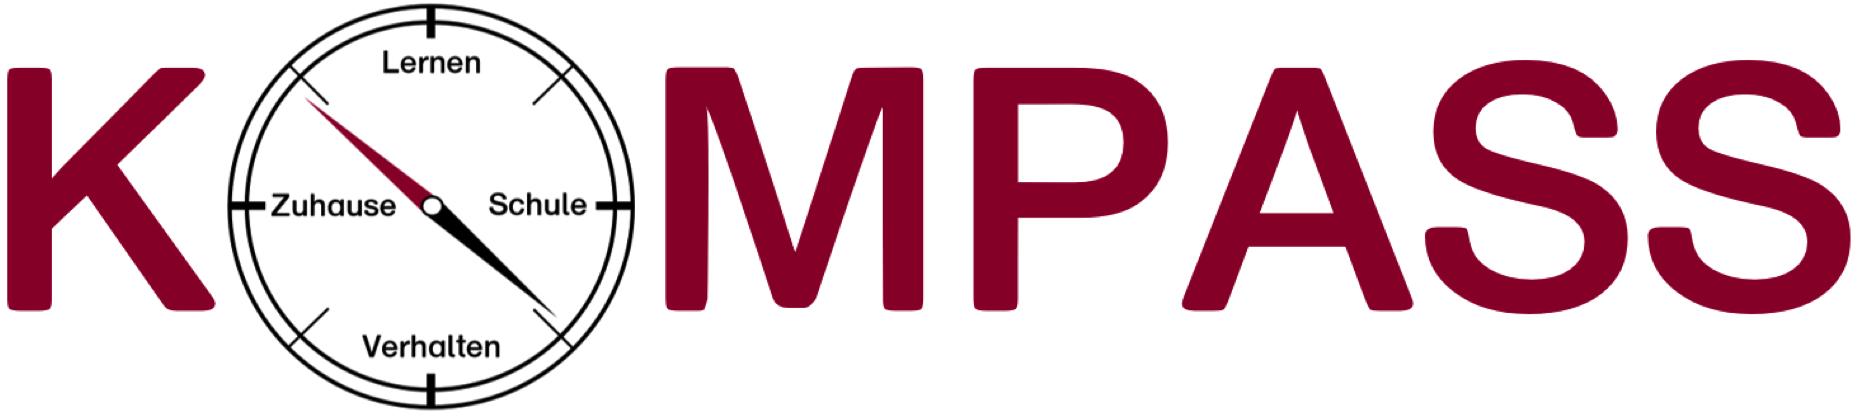 KOMPASS Projekt